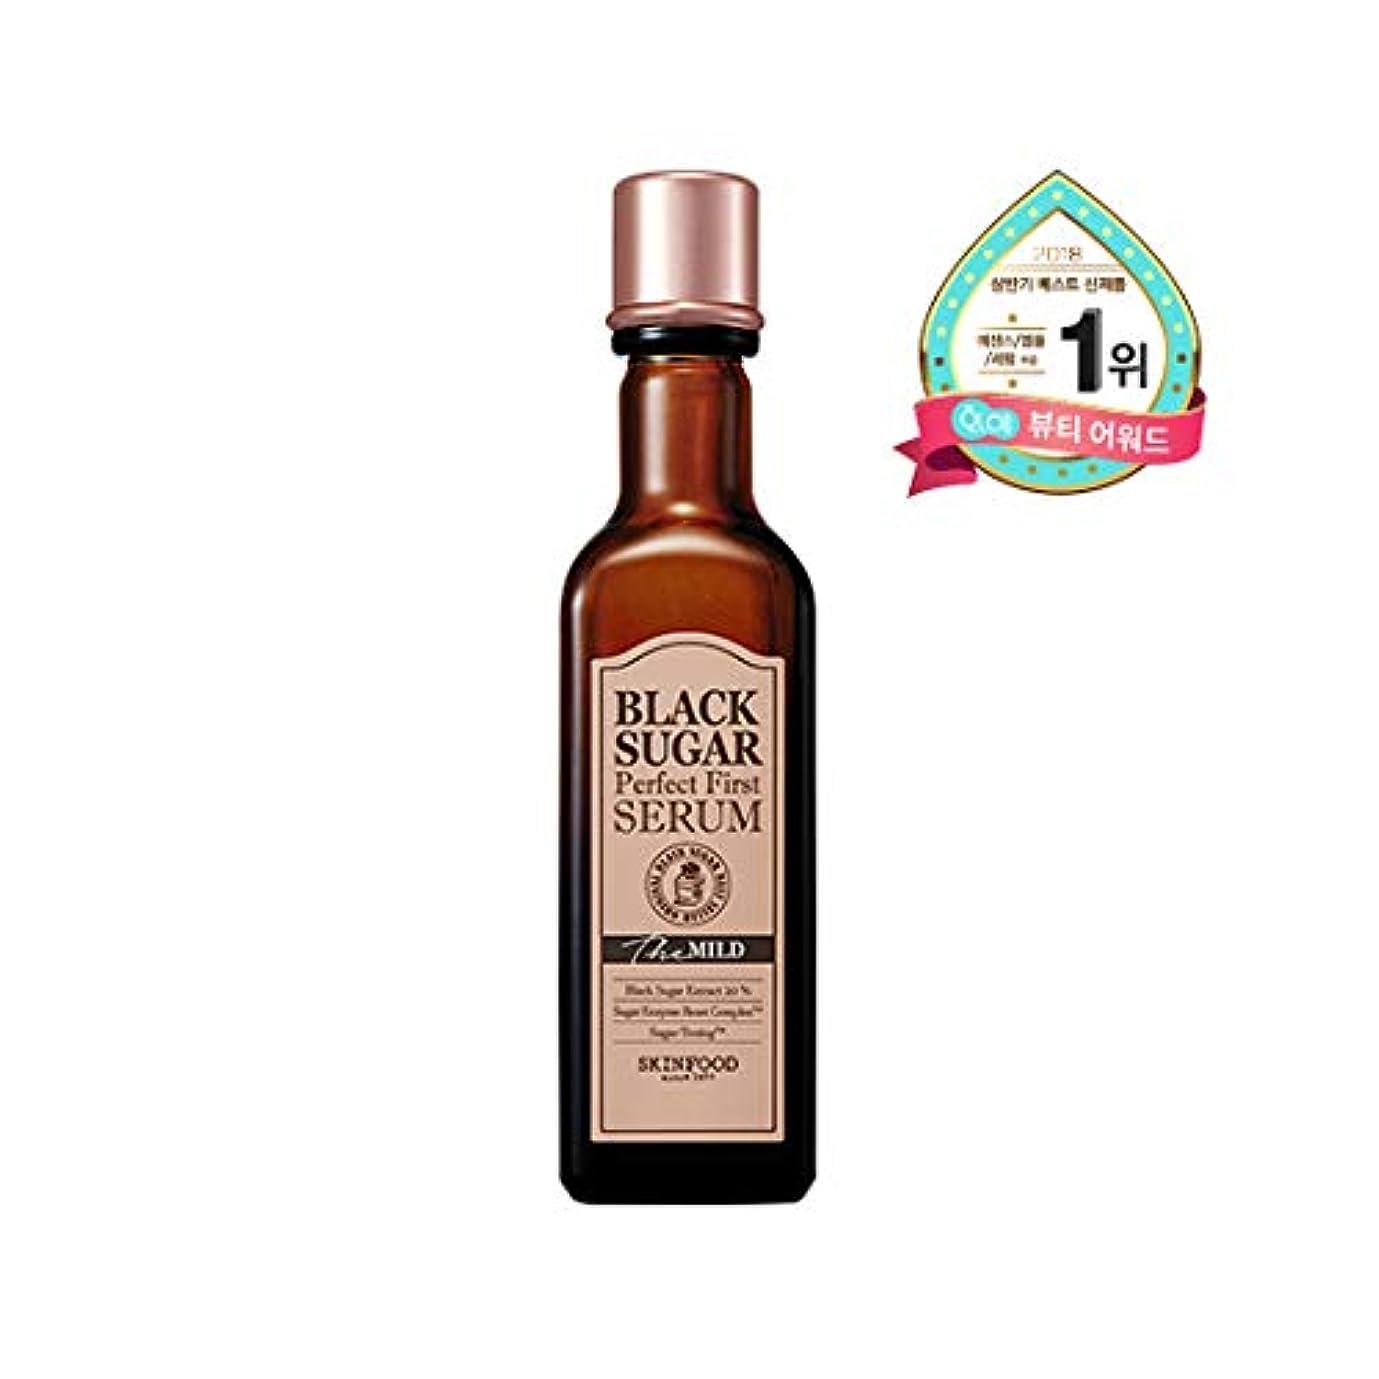 便宜昆虫ファイアルSkinfood black sugar perfect first serum the mild/黒糖完璧な最初の血清マイルド/120ml + 60ea [並行輸入品]